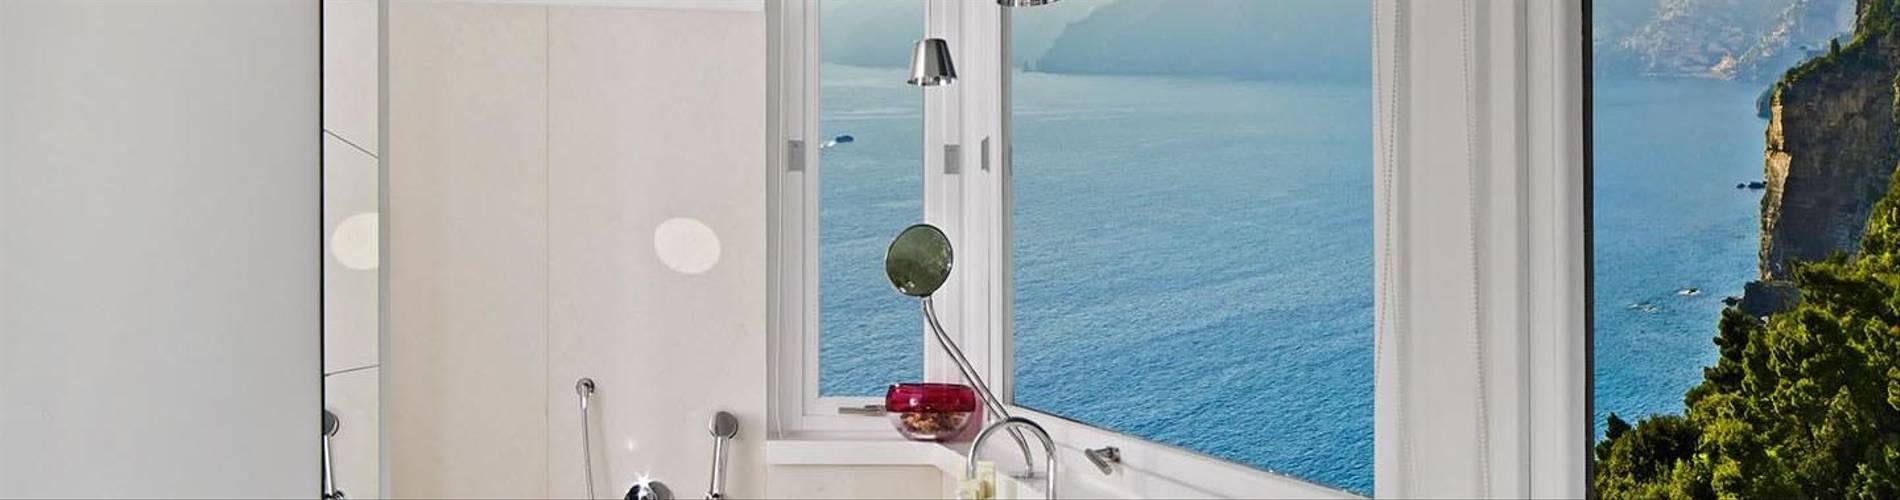 Casa Angelina, Amalfi Coast, Italy, Canopy Room.jpg